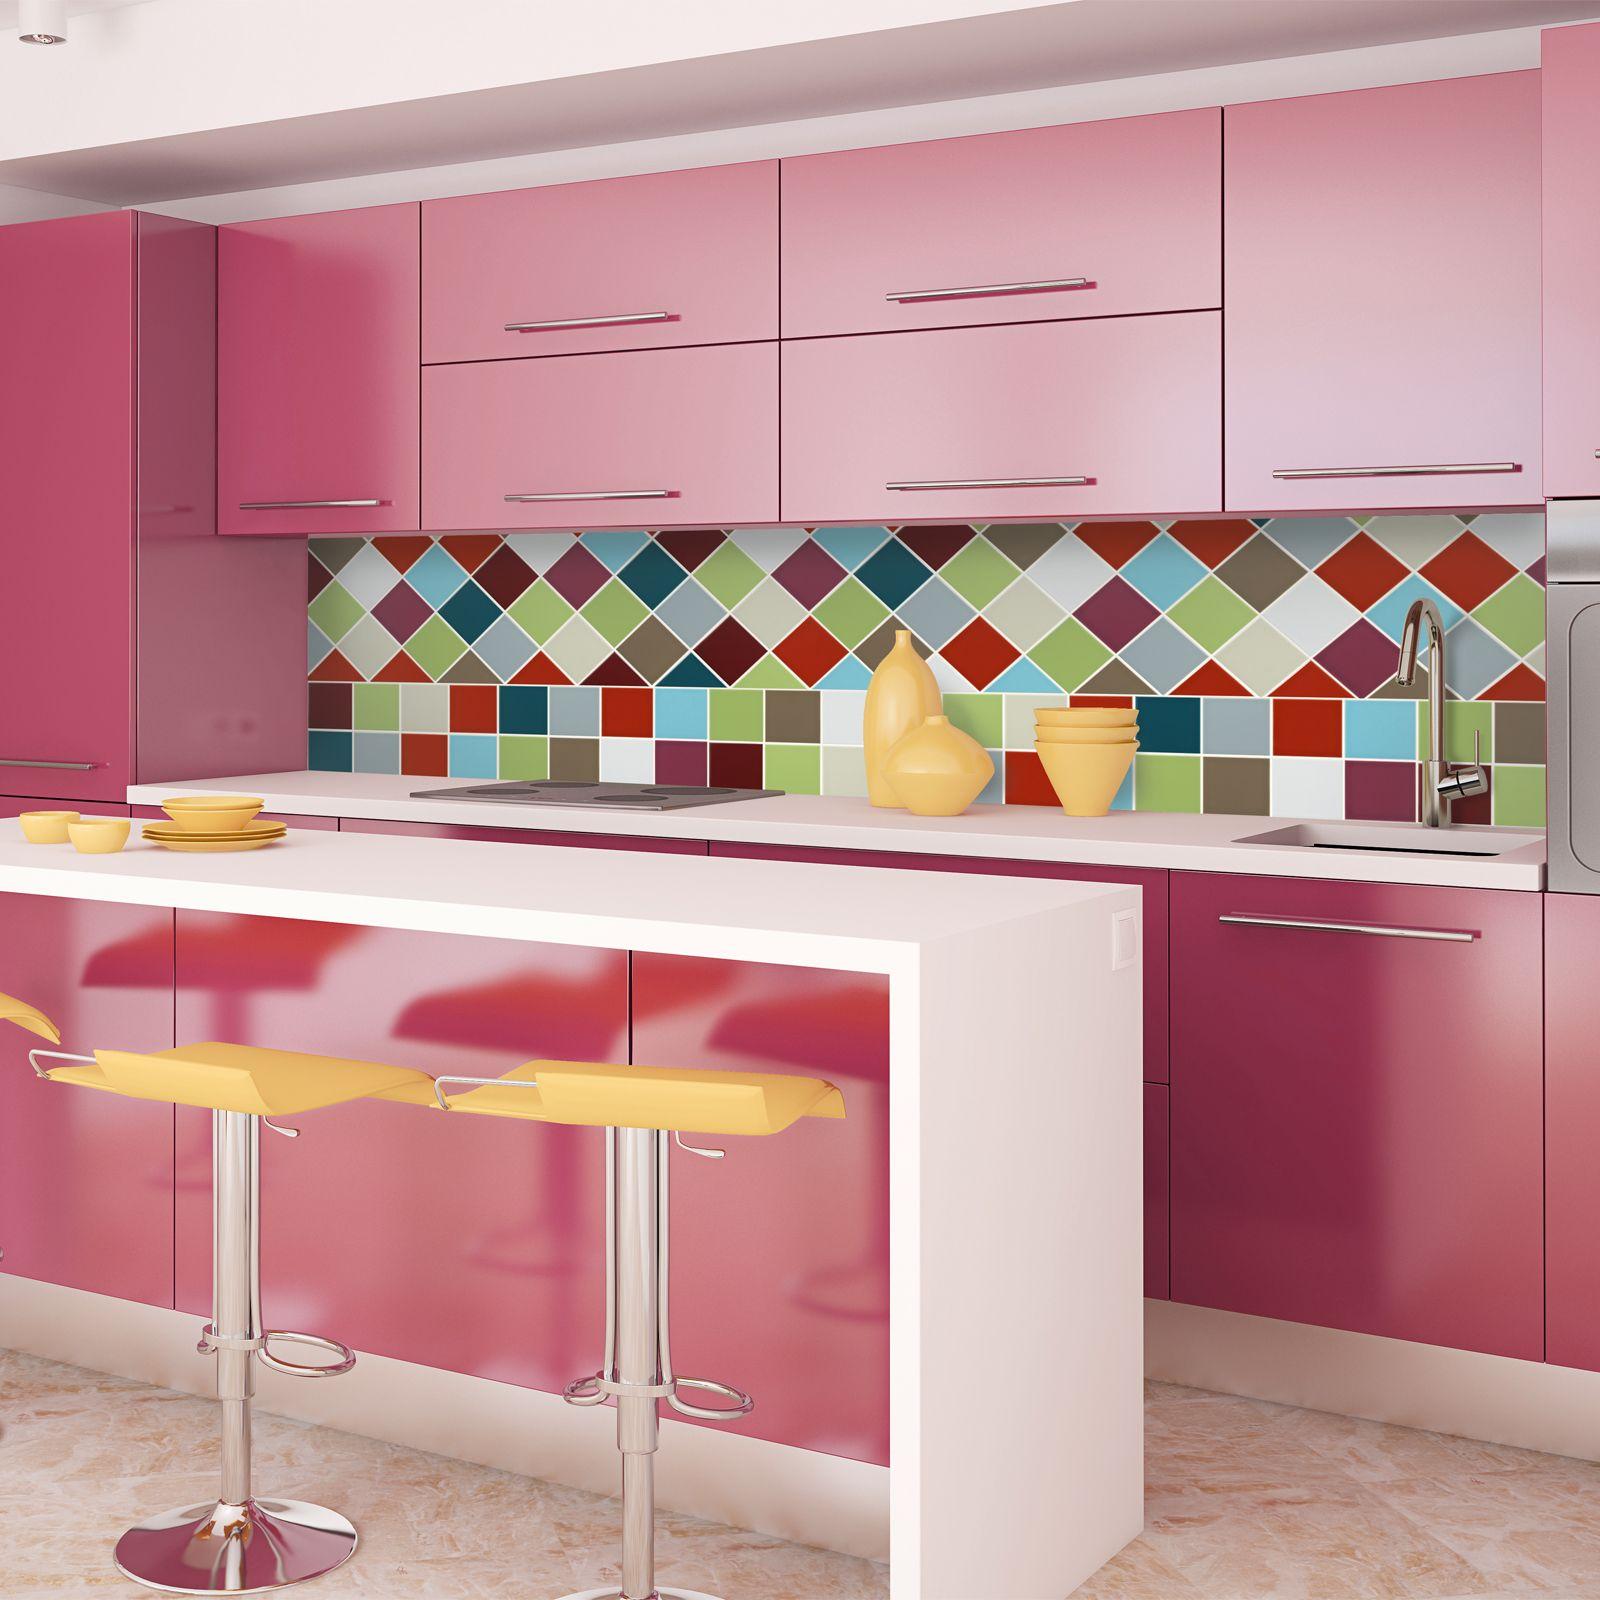 Image Result For Blue Kitchen Splashback Tiles